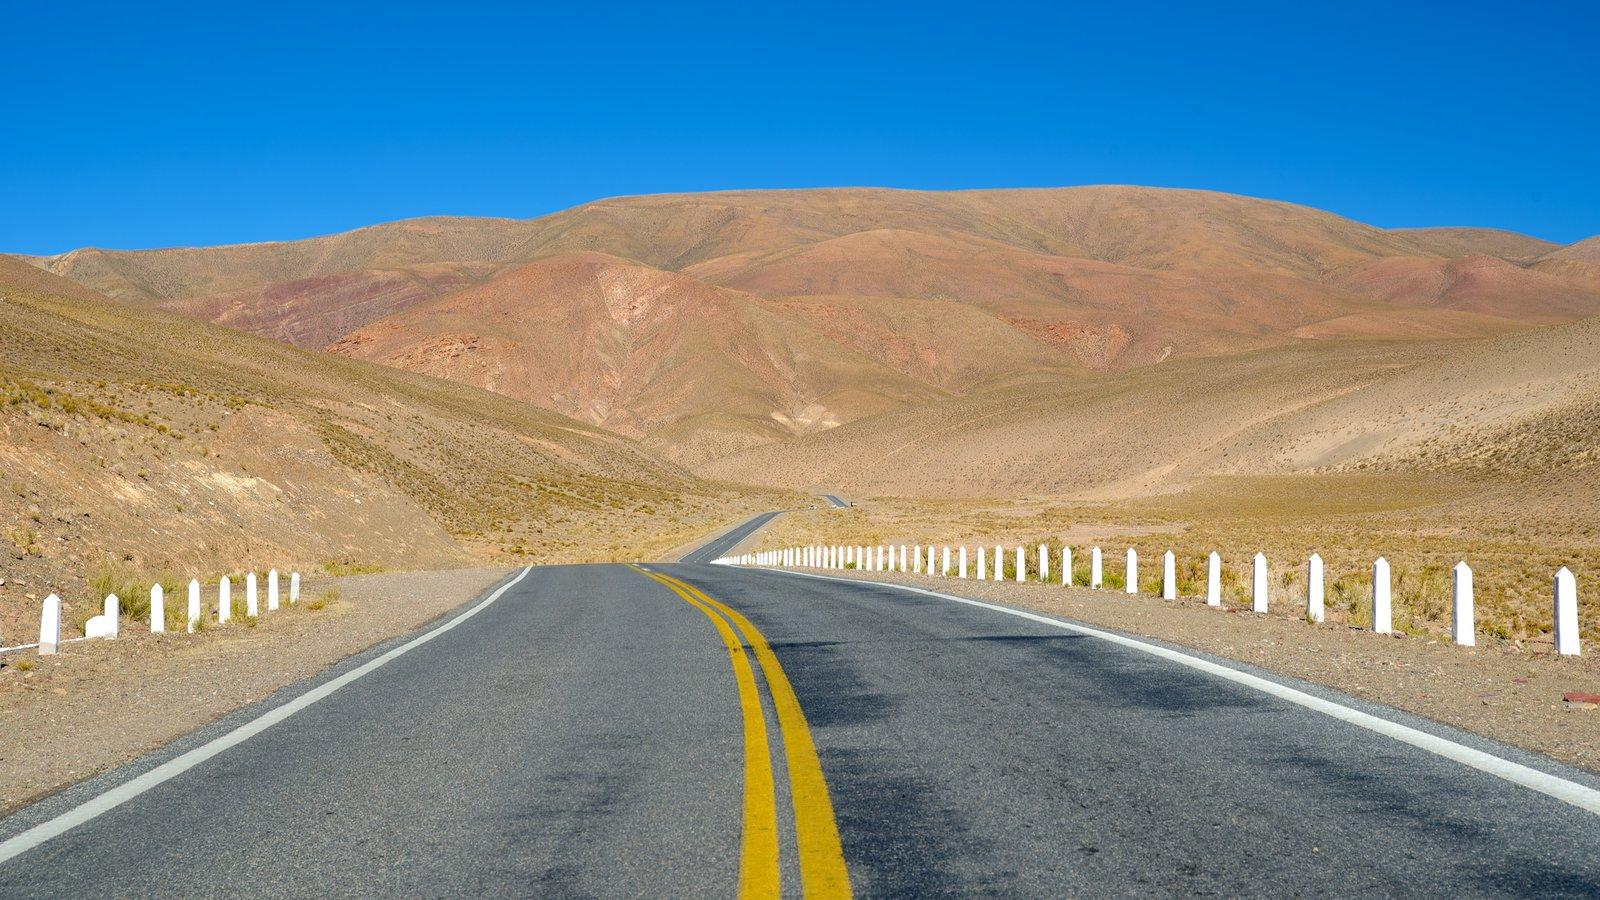 Jujuy mostrando paisagens do deserto e cenas de rua